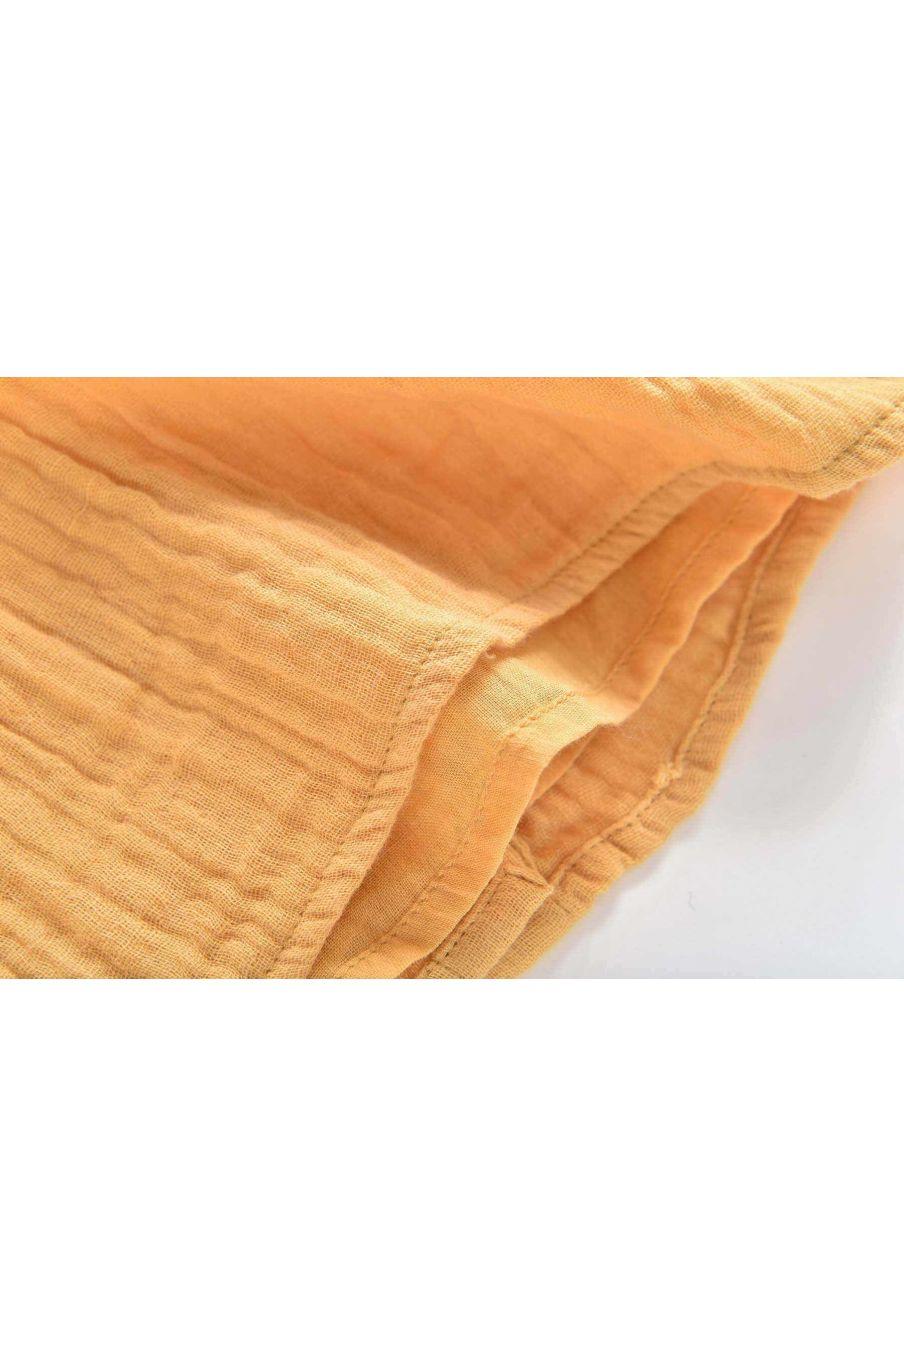 blouse fille daphne saffron - louise misha